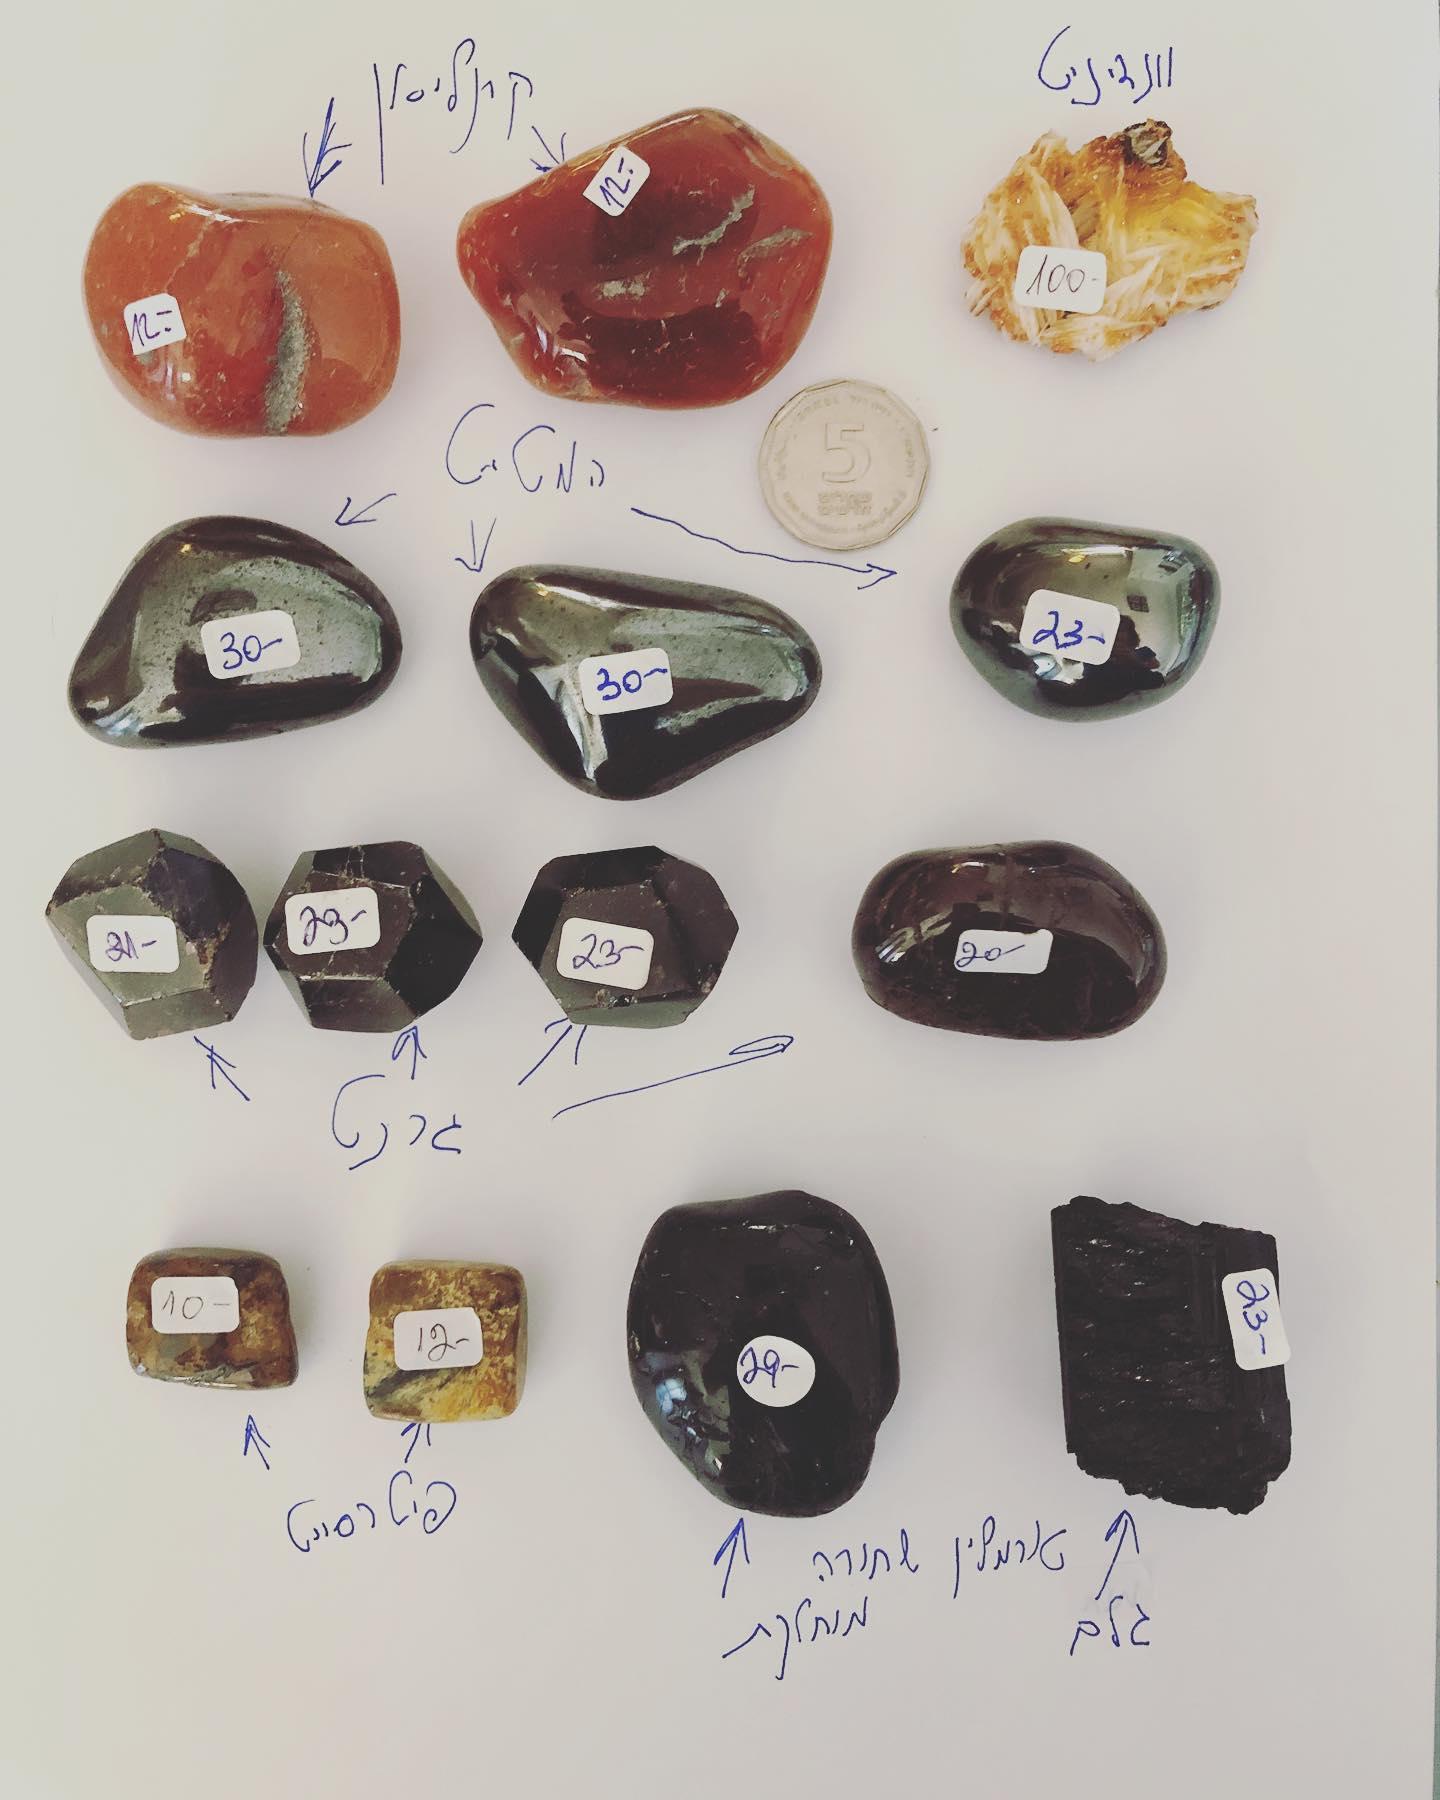 אבנים שונות למכירה מהקליניקה.